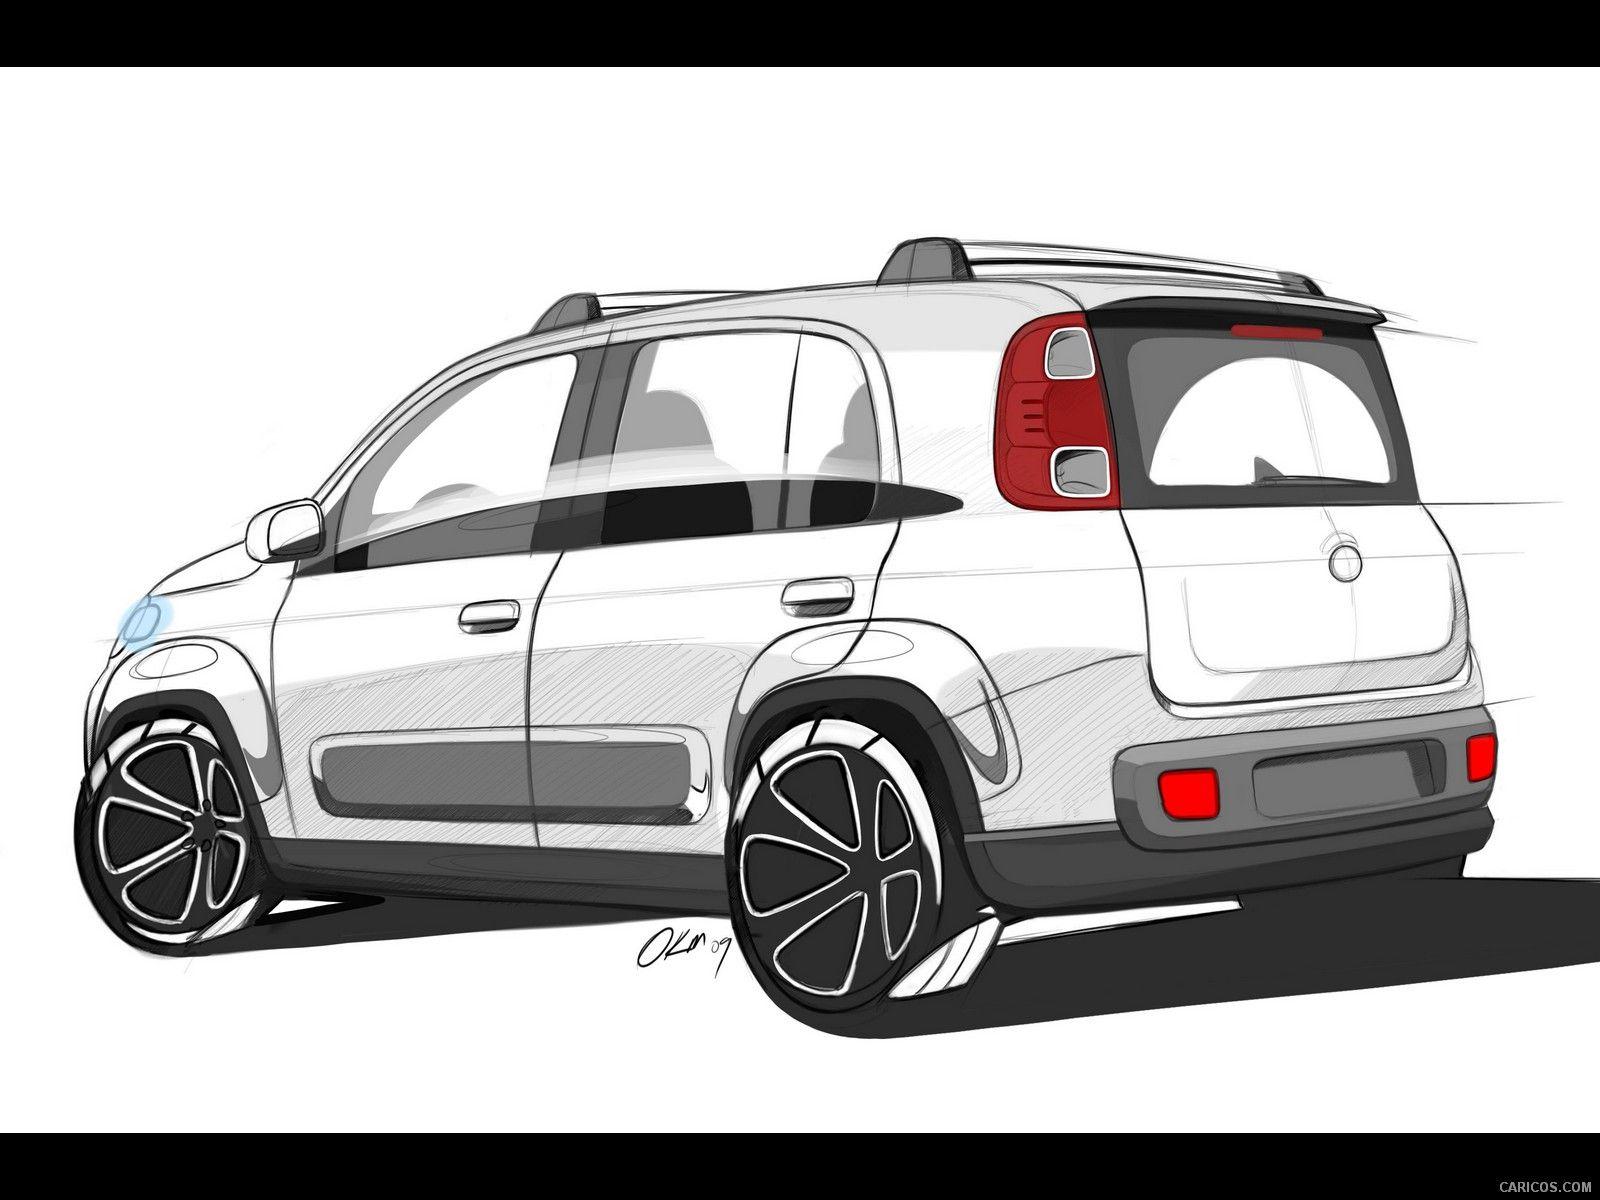 2011 Fiat Panda #fiat